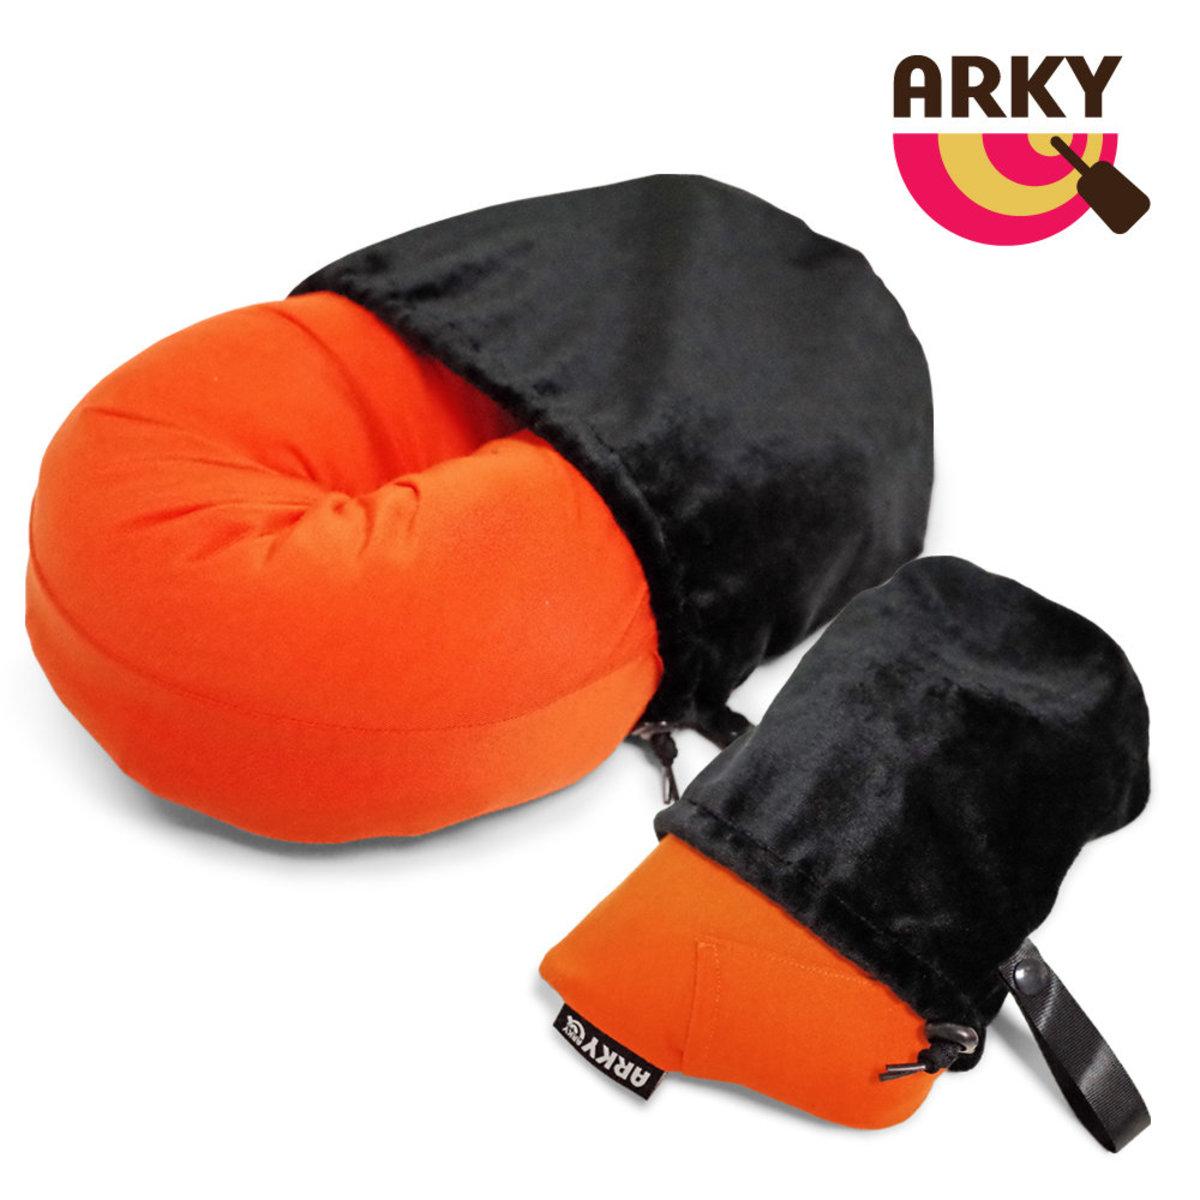 ARKY_Somnus_Travel_Pillow_02